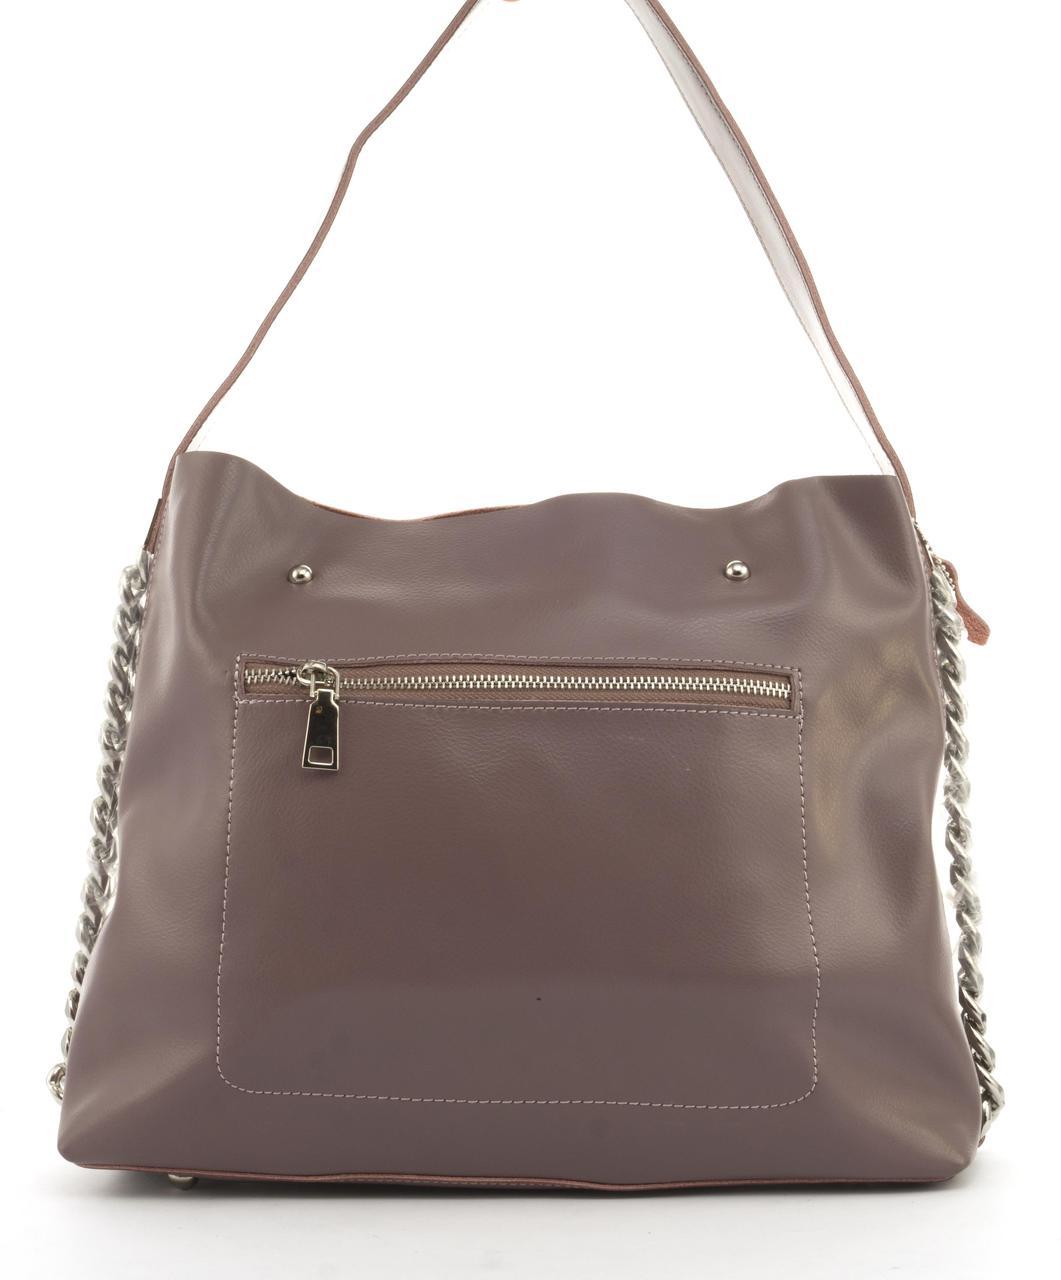 bb756d6e1ace Суперстильная вместительная кожана прочная женская сумка CELINE art. 10015  сиреневая - Ремешок и Кошелек в